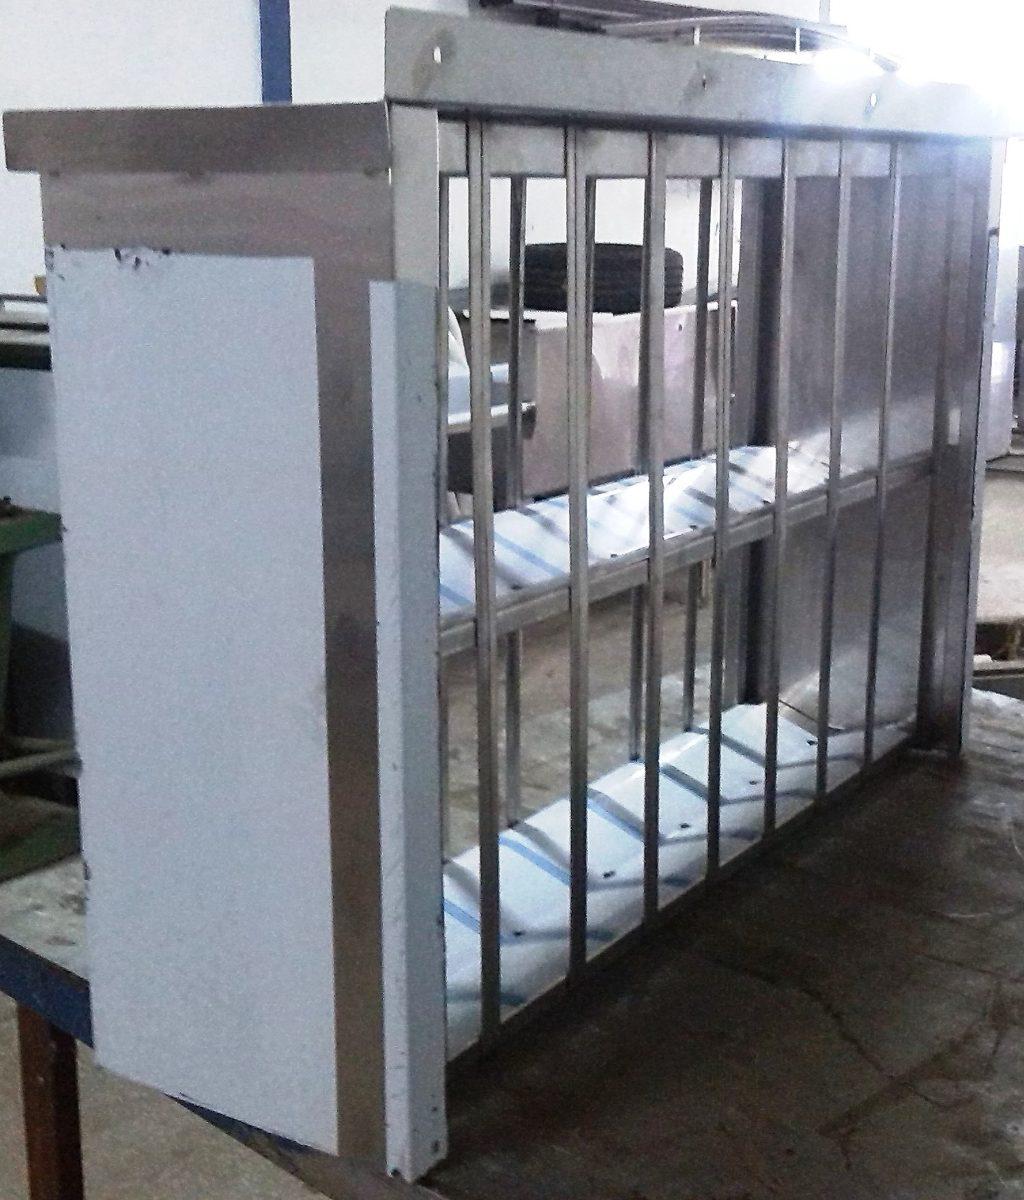 Escurreplatos industrial en 100 acero inoxidable satinado bs en mercado libre - Escurreplatos acero inoxidable ...